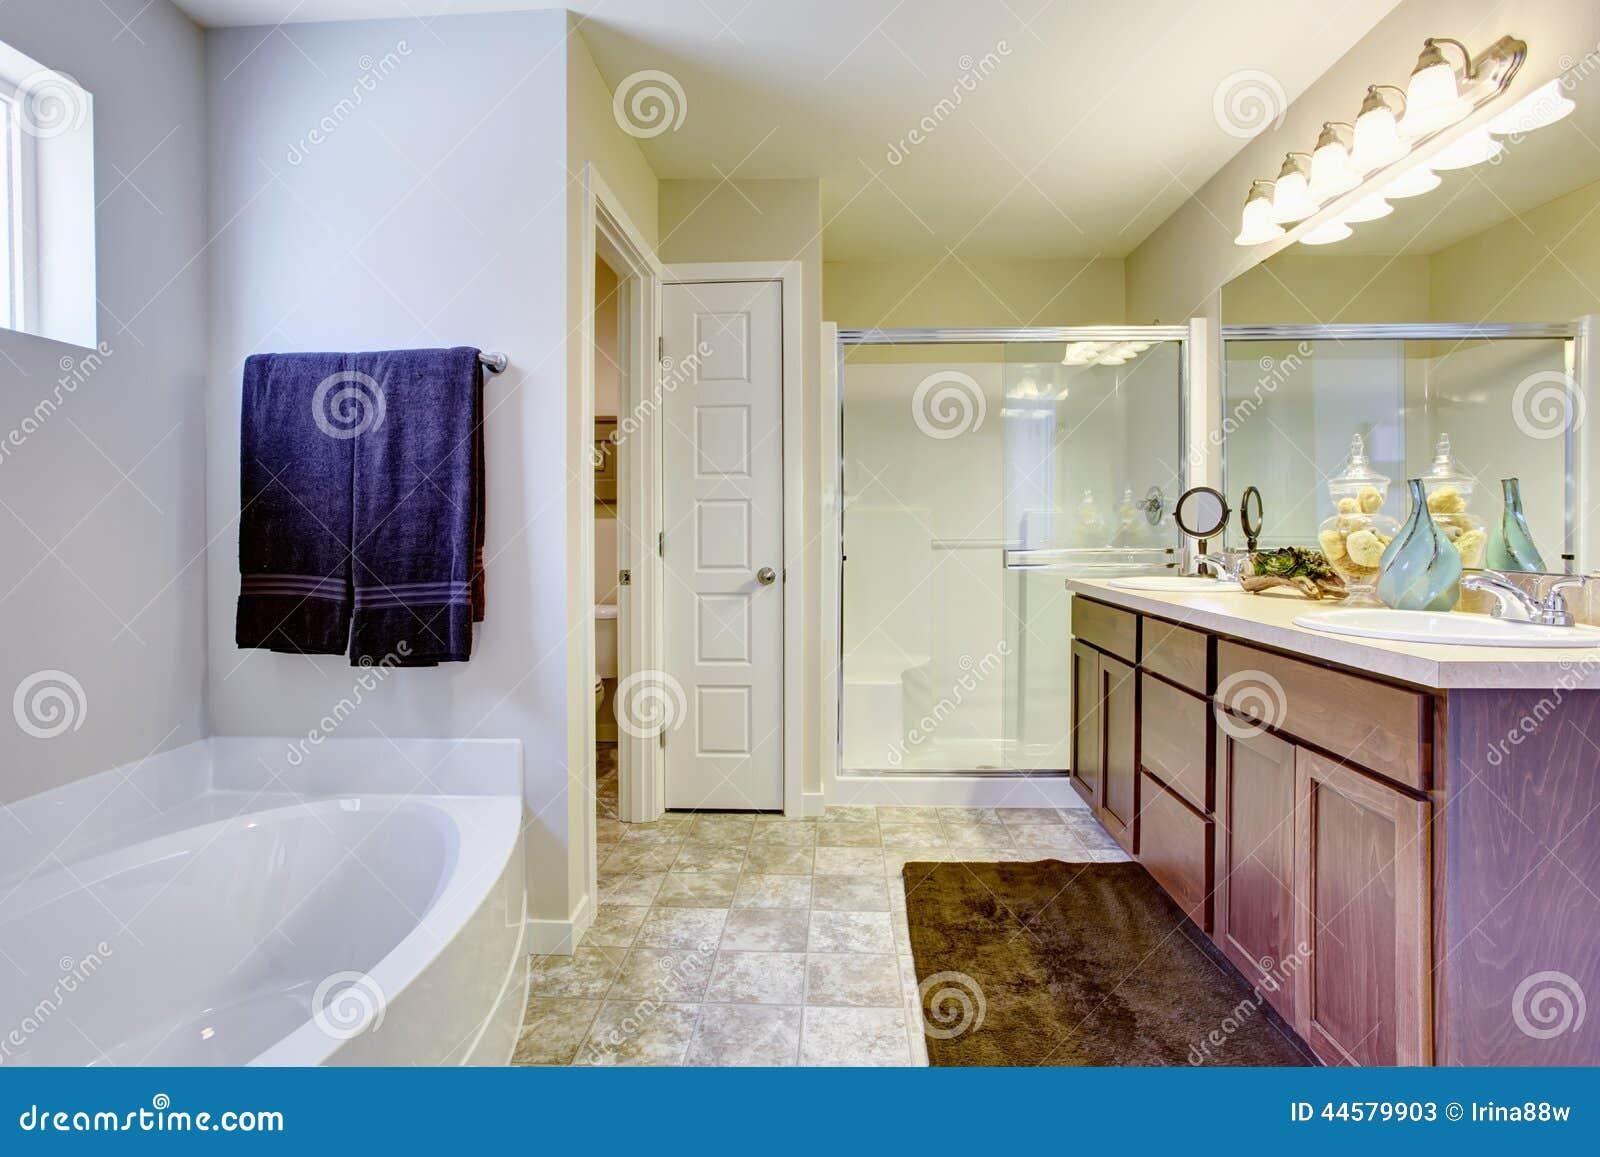 badewanne erneuern with badewanne erneuern top emaille badewanne reparieren with badewanne. Black Bedroom Furniture Sets. Home Design Ideas